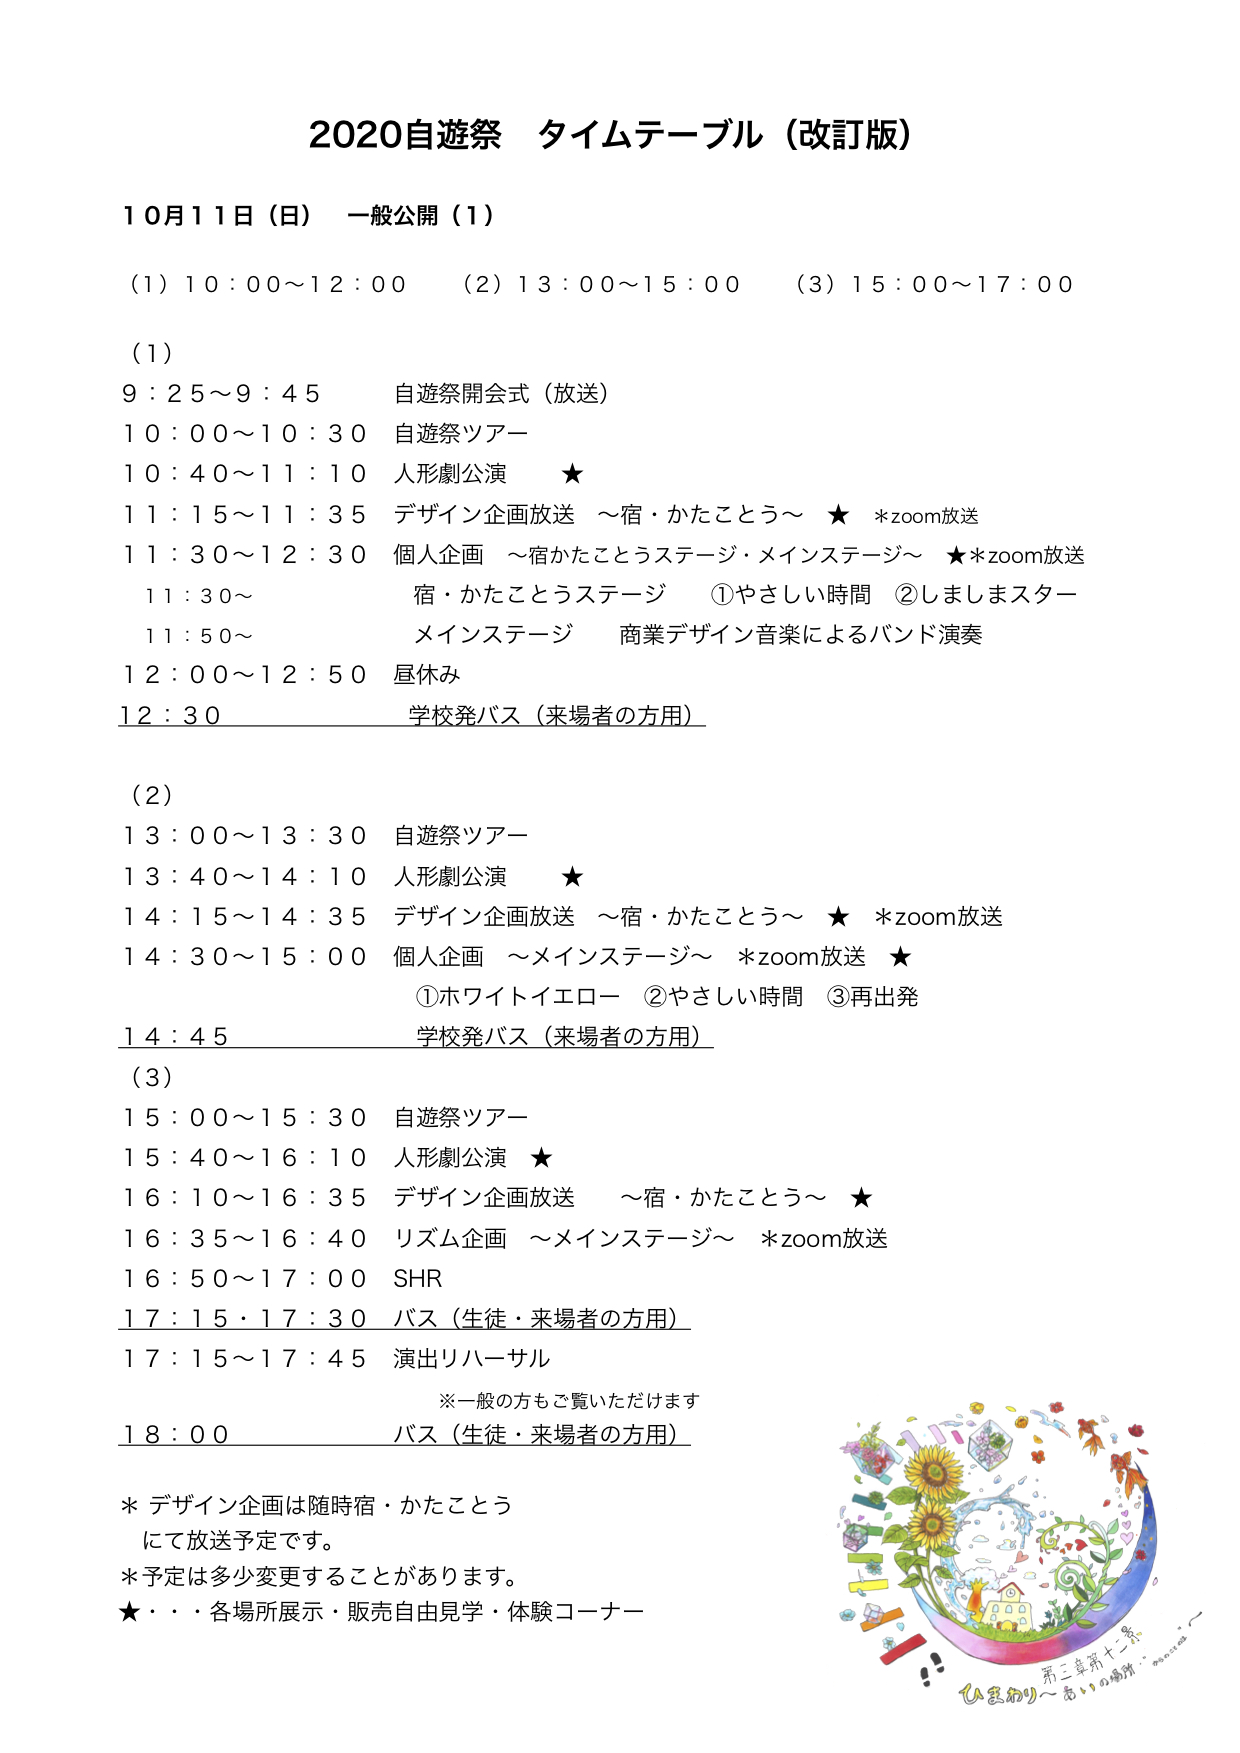 自遊祭タイムテーブル2020(延期ver)